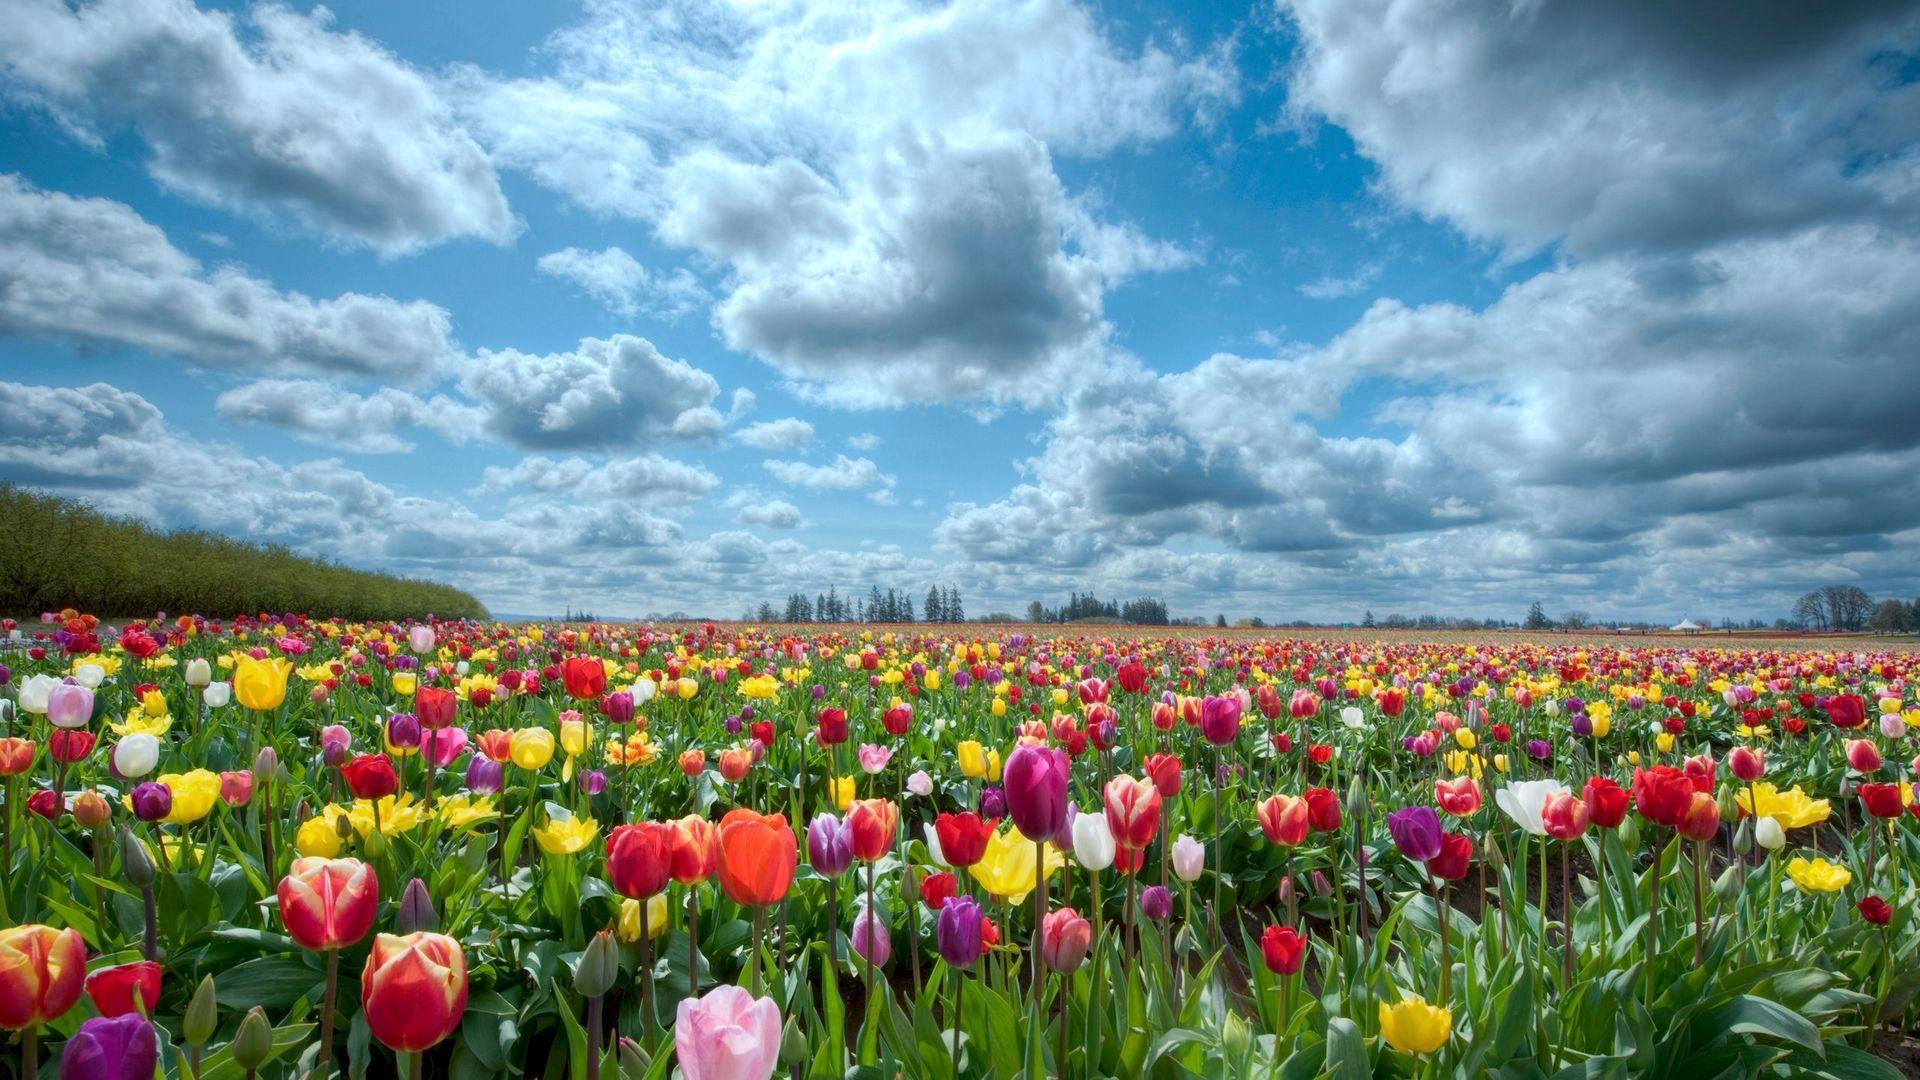 67049 Hintergrundbild herunterladen Natur, Blumen, Sky, Tulpen, Feld - Bildschirmschoner und Bilder kostenlos